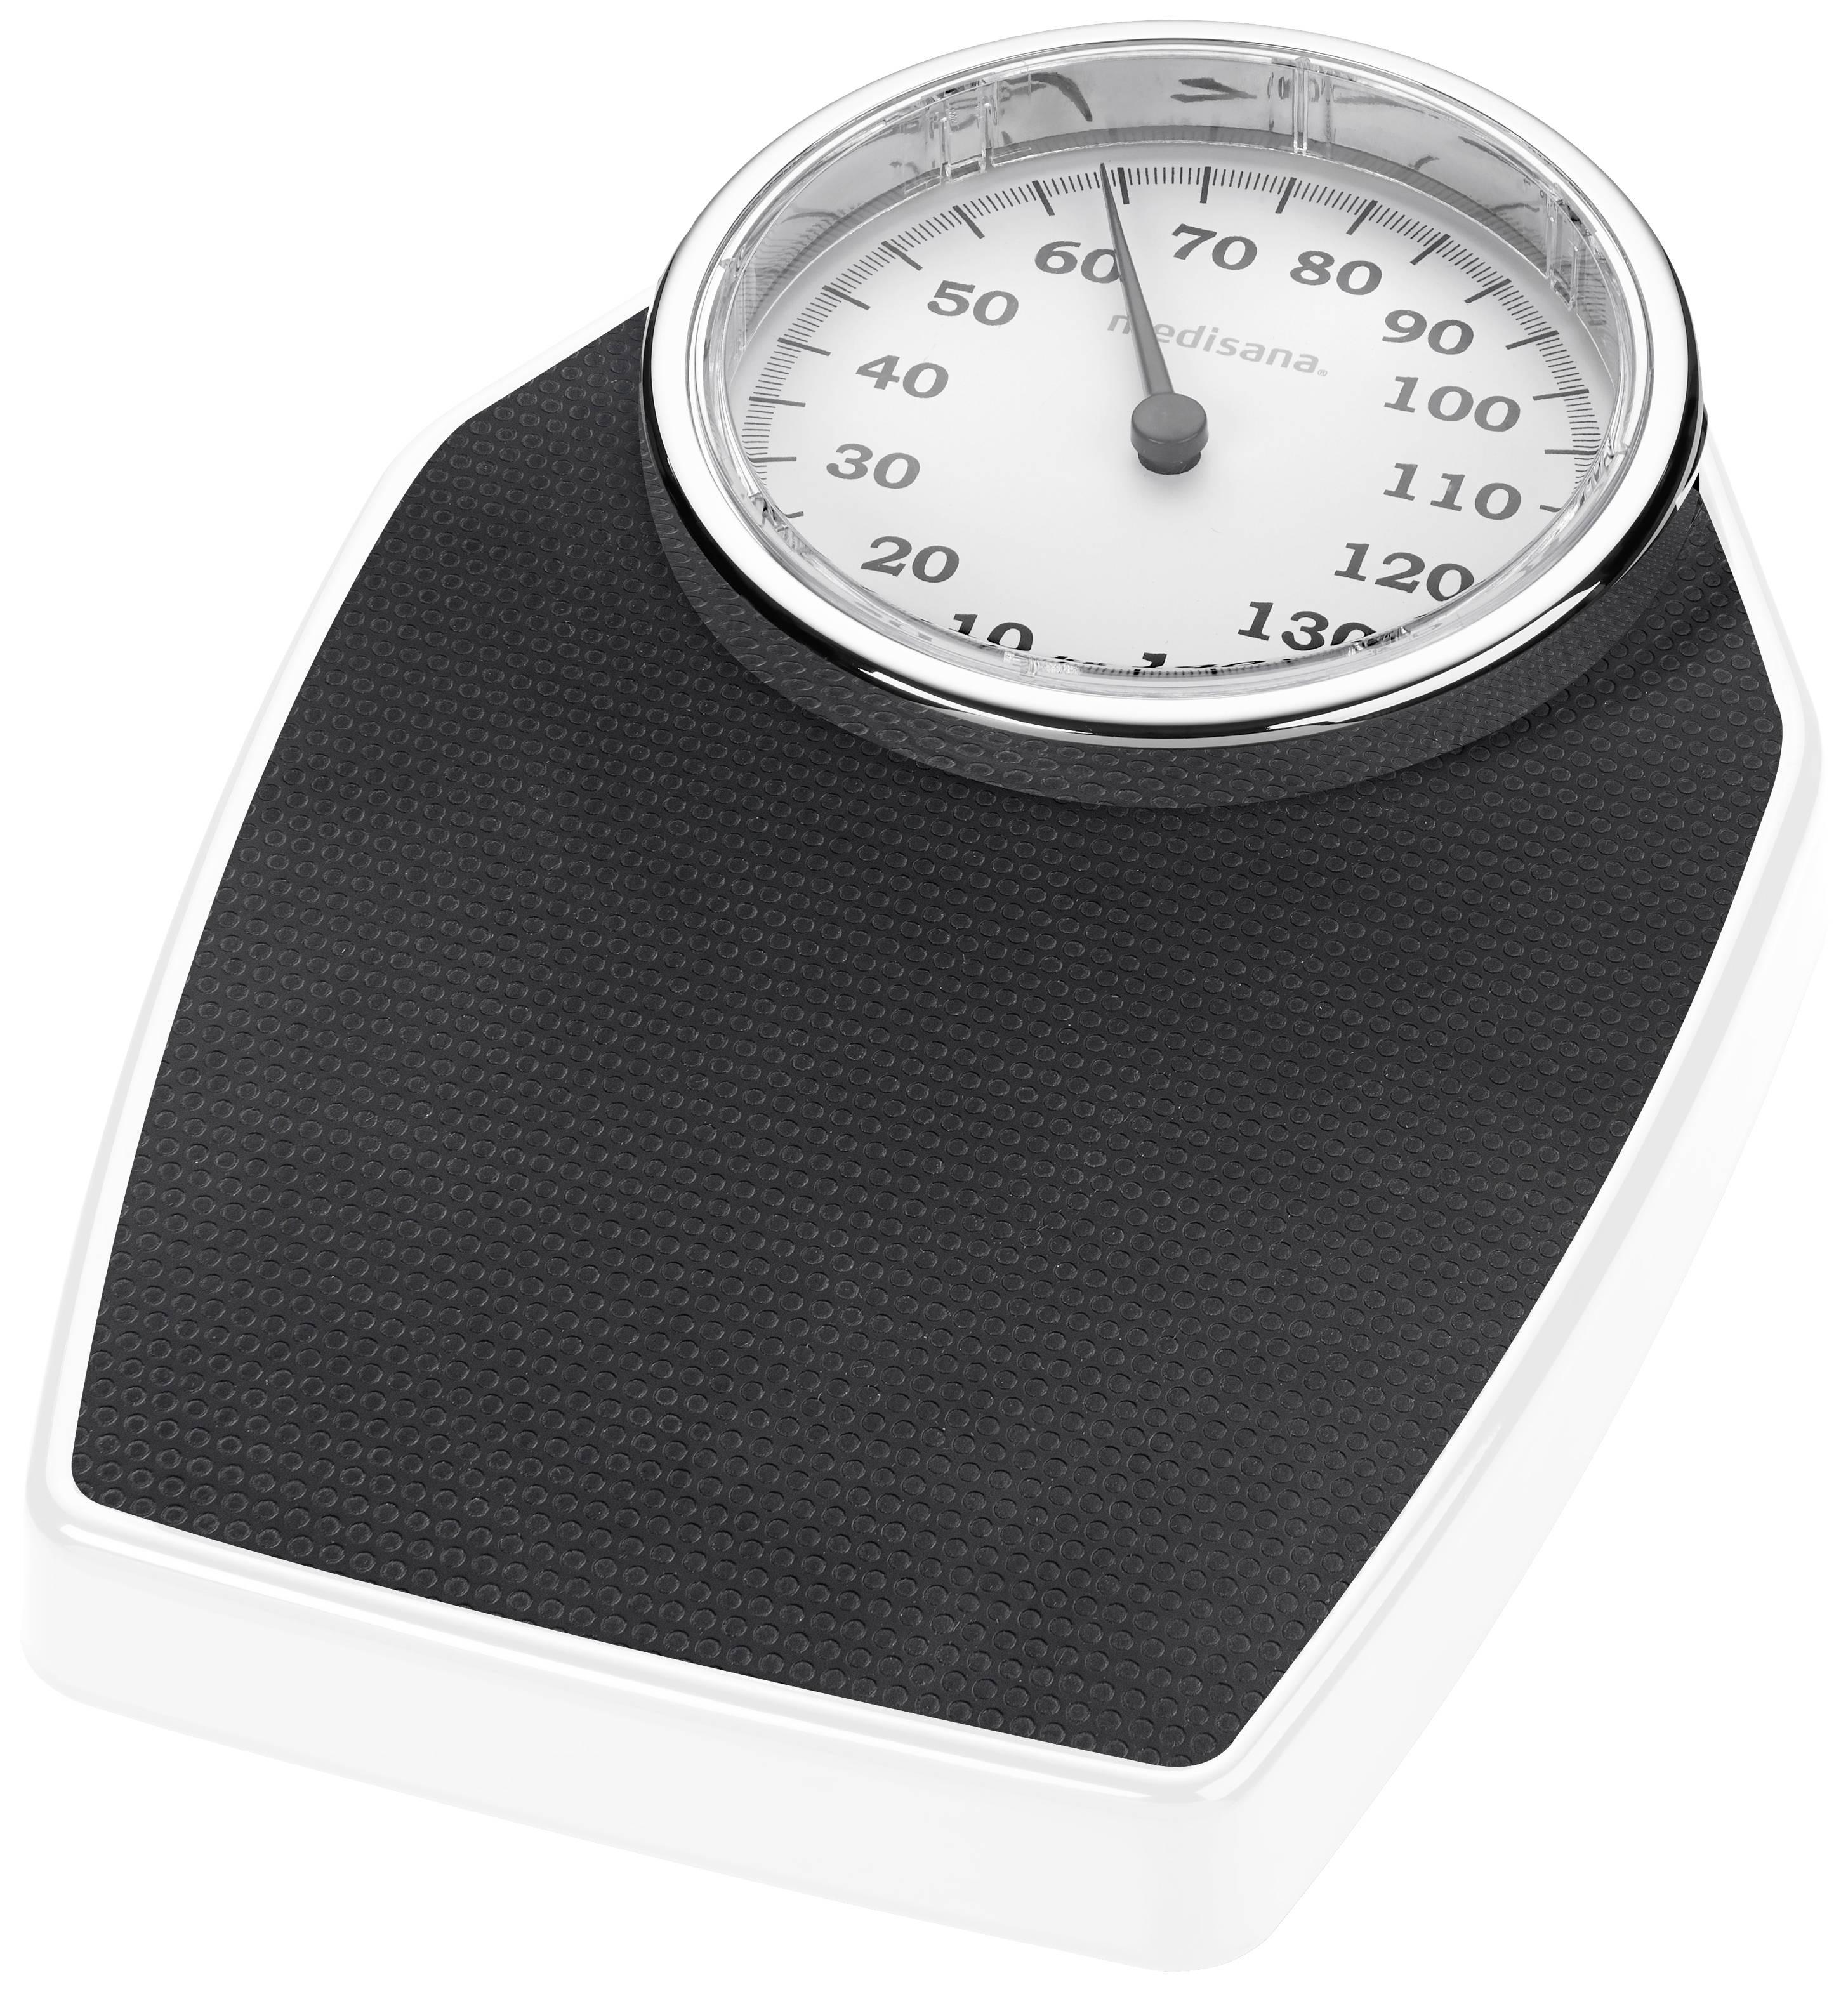 Analogová osobní váha Medisana PSD, černá/bílá